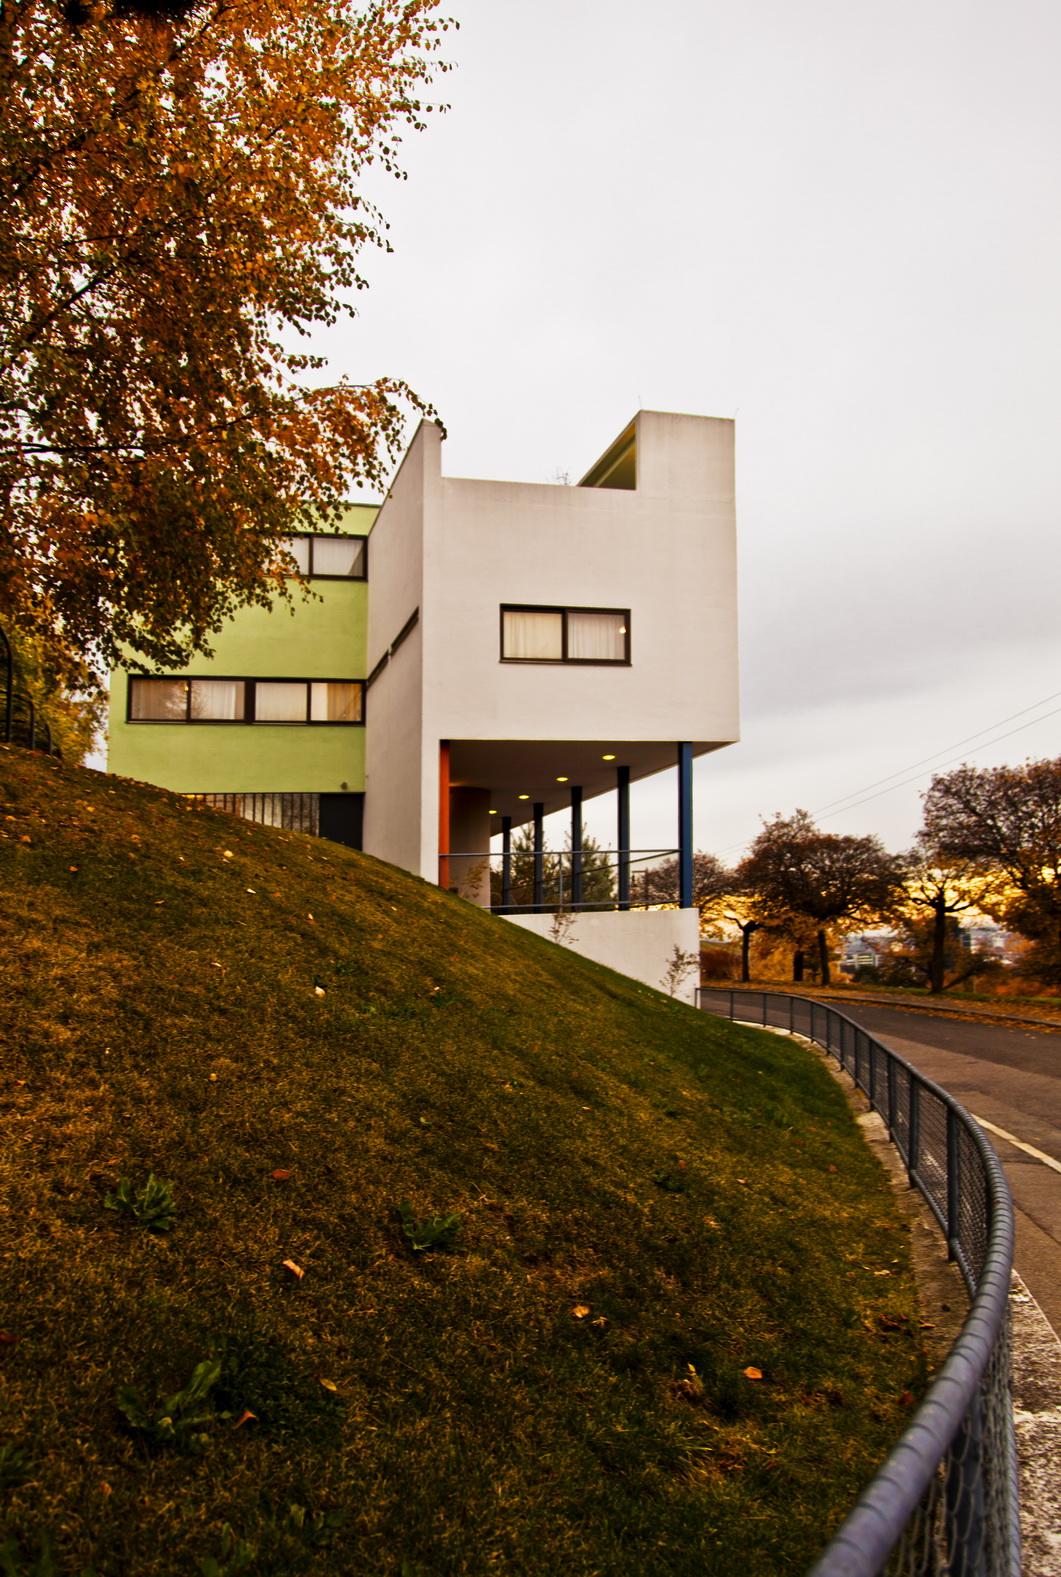 Le Corbusier Weisenhofmuseum 2